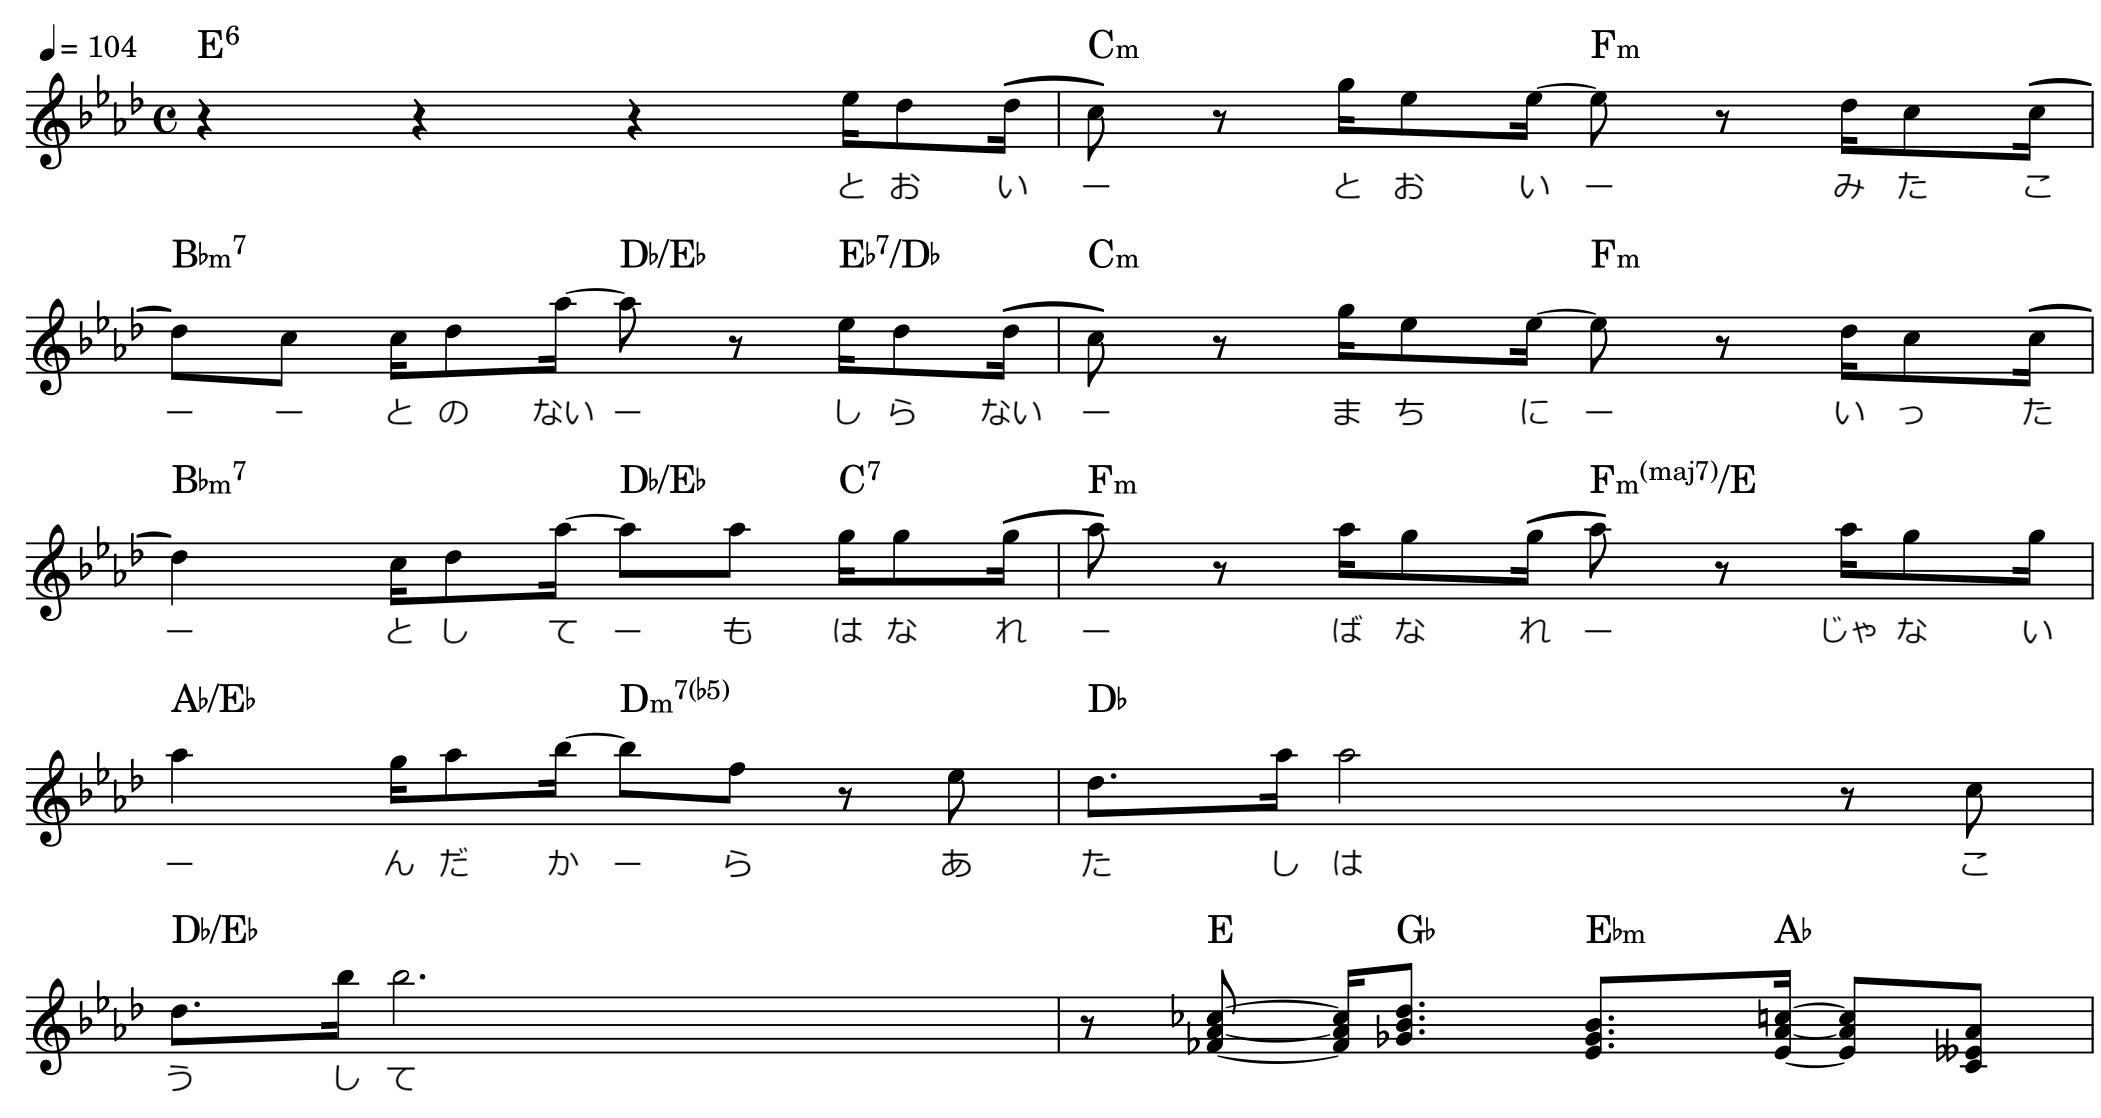 キラキラ/Cメロ楽譜